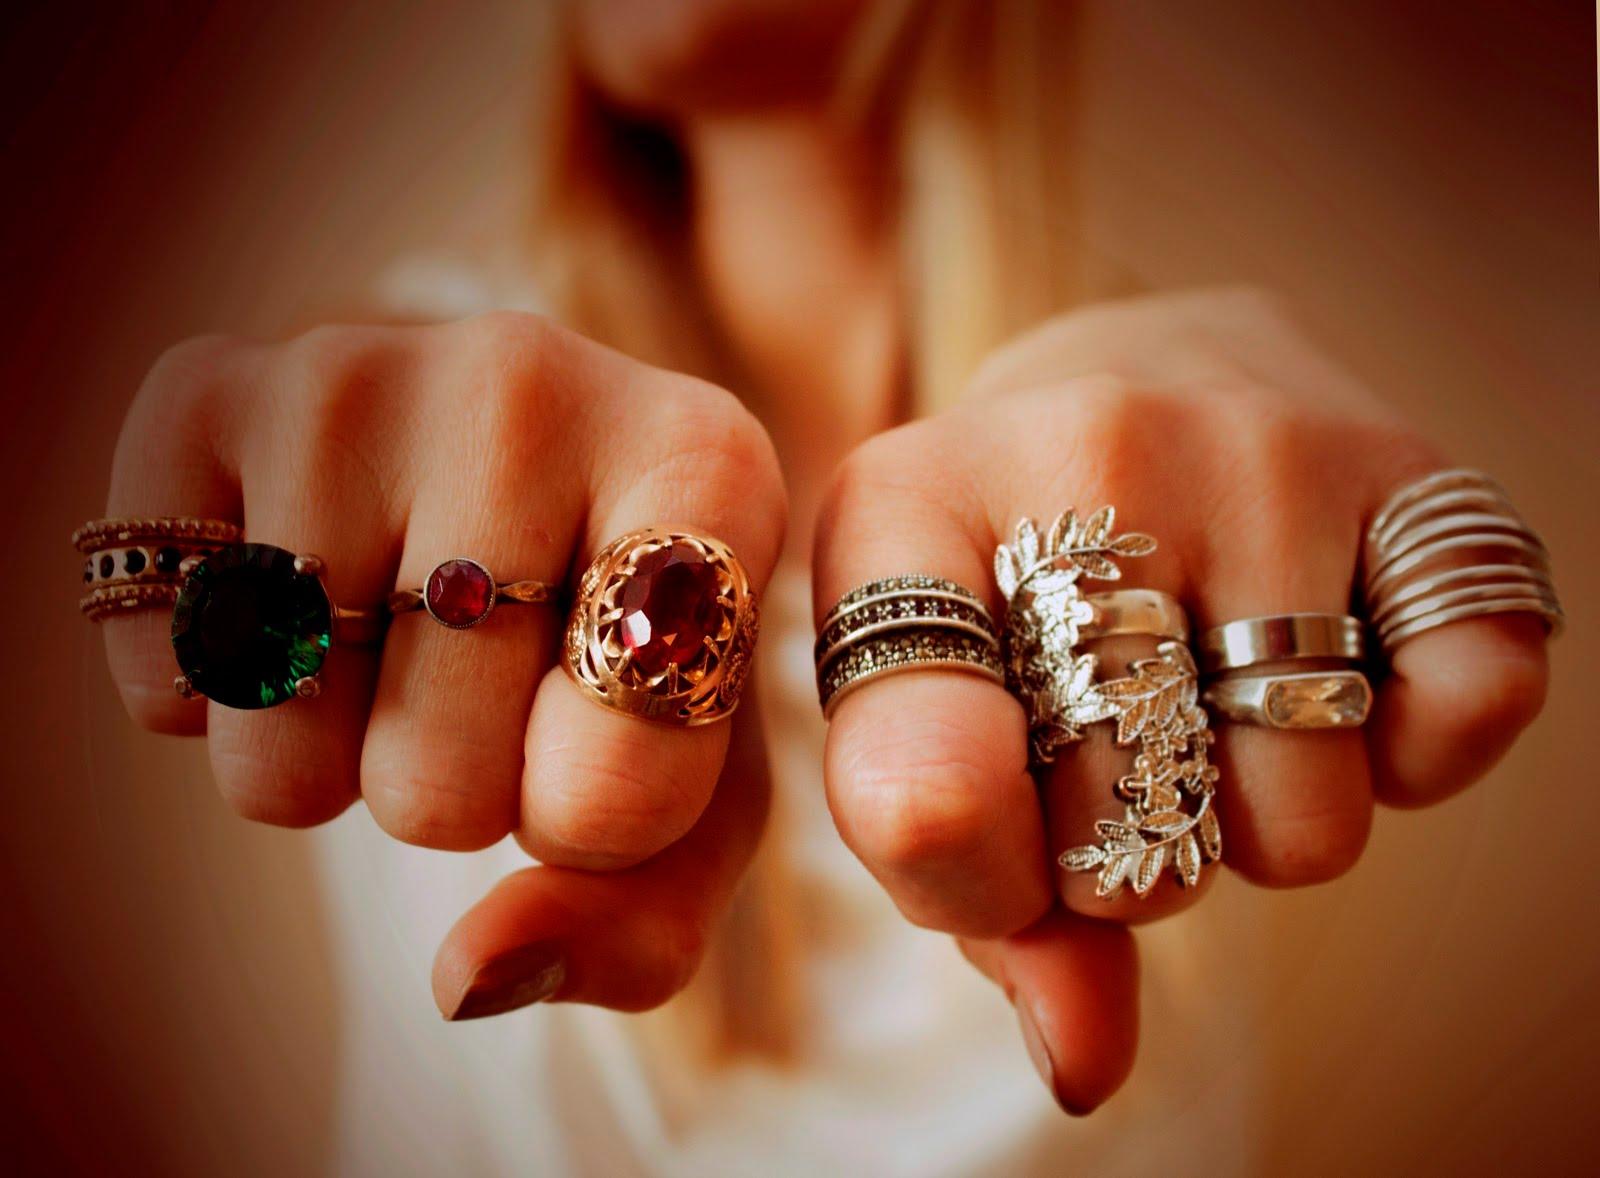 Кольцо во сне увиденное во сне обручальное кольцо предвещает скорую свадьбу и счастливое супружество.